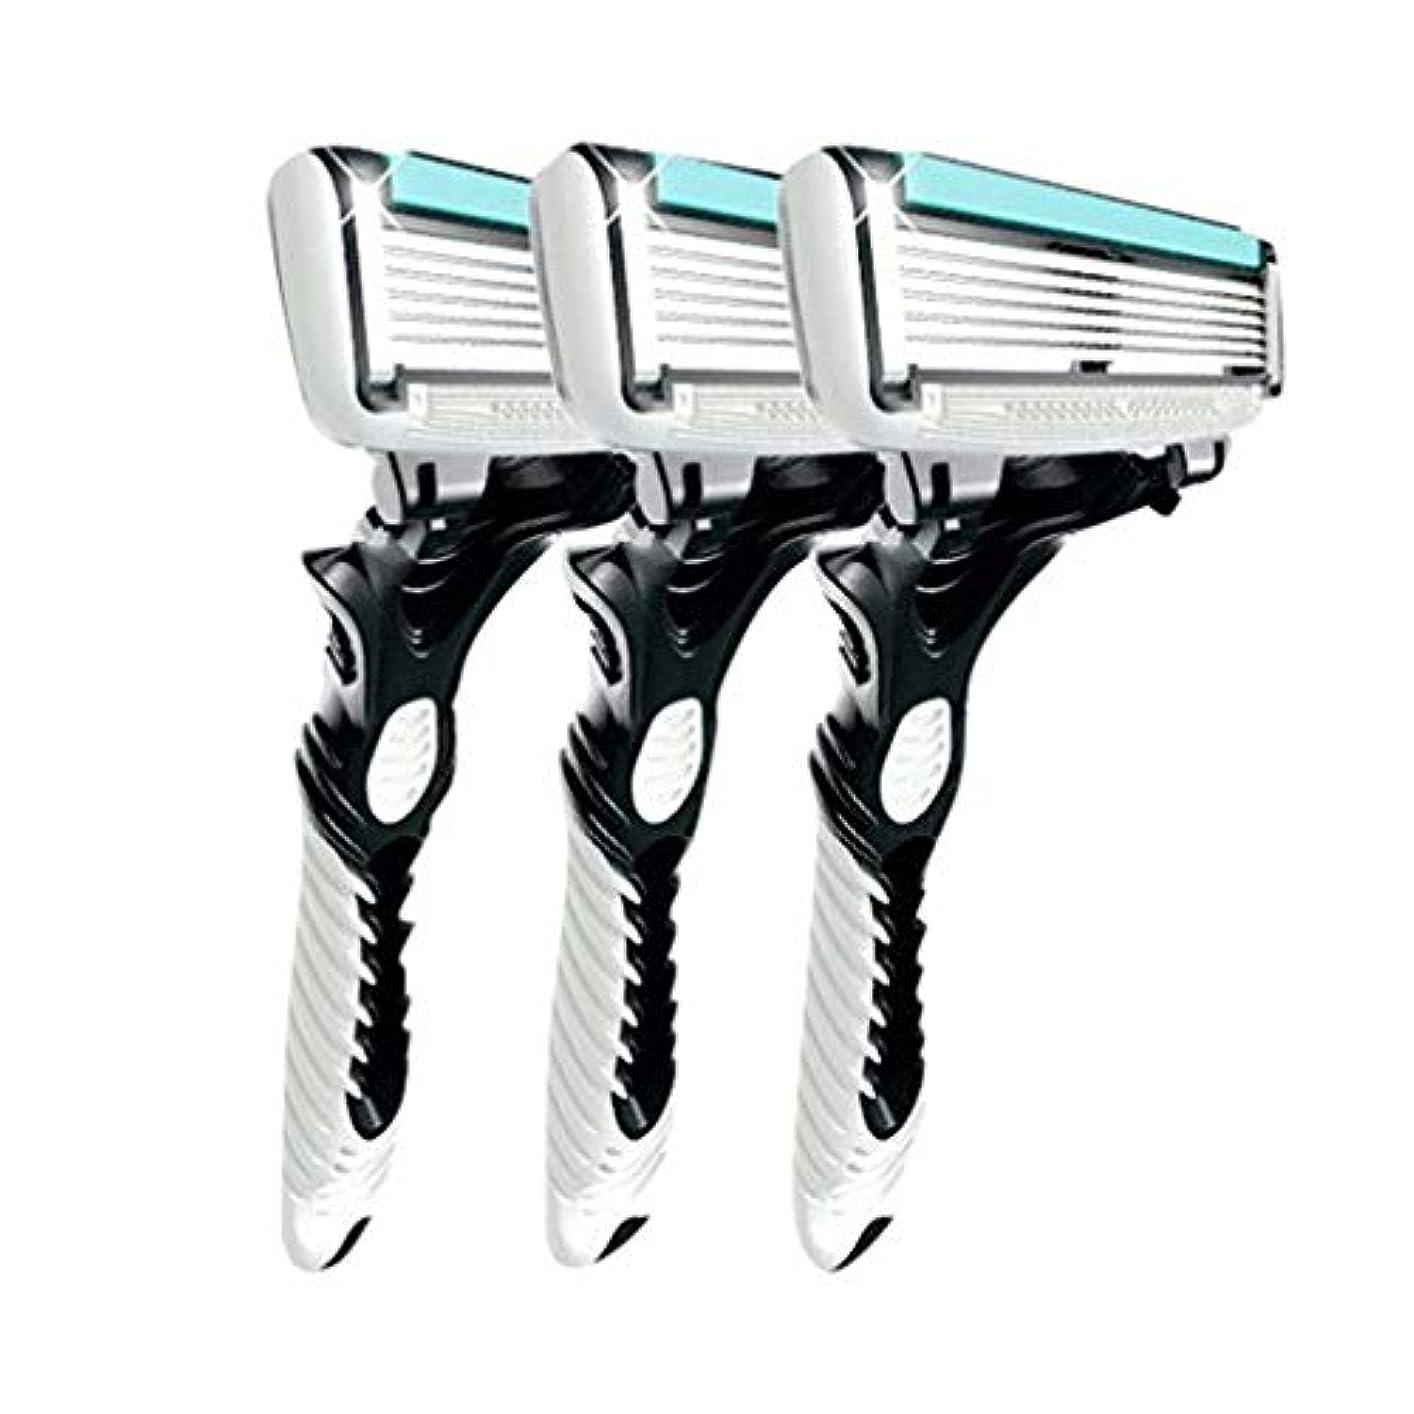 レイフローティング硬さ3pcsの男性の安全の伝統的なクラシック6層シェービング髪ブレードカミソリのマニュアルステンレス鋼のシェービング髪のブレイド